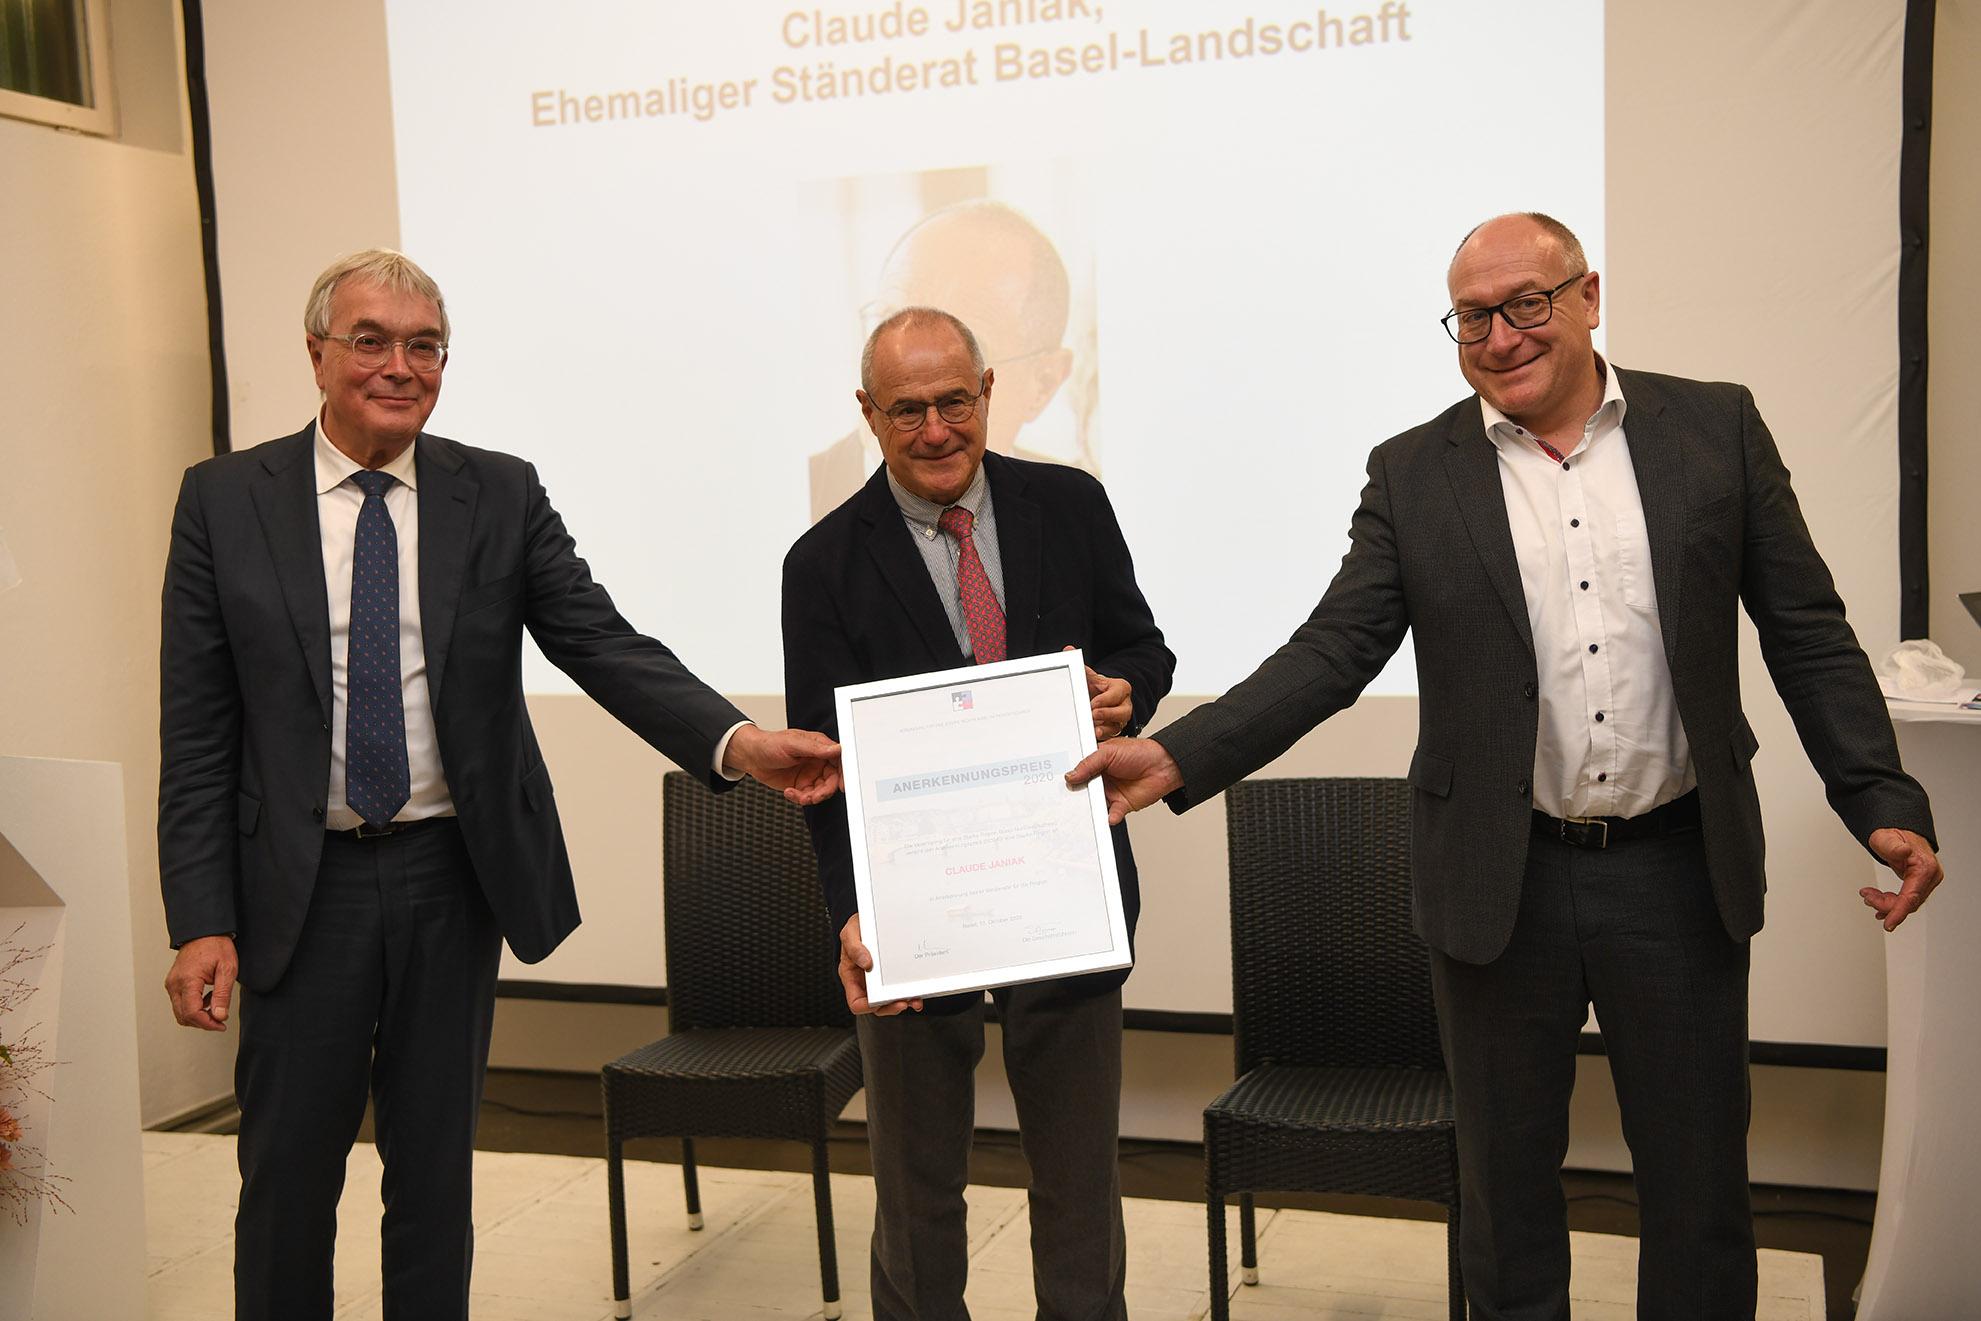 Anerkennungspreis für eine Starke Region 2020 an Claude Janiak